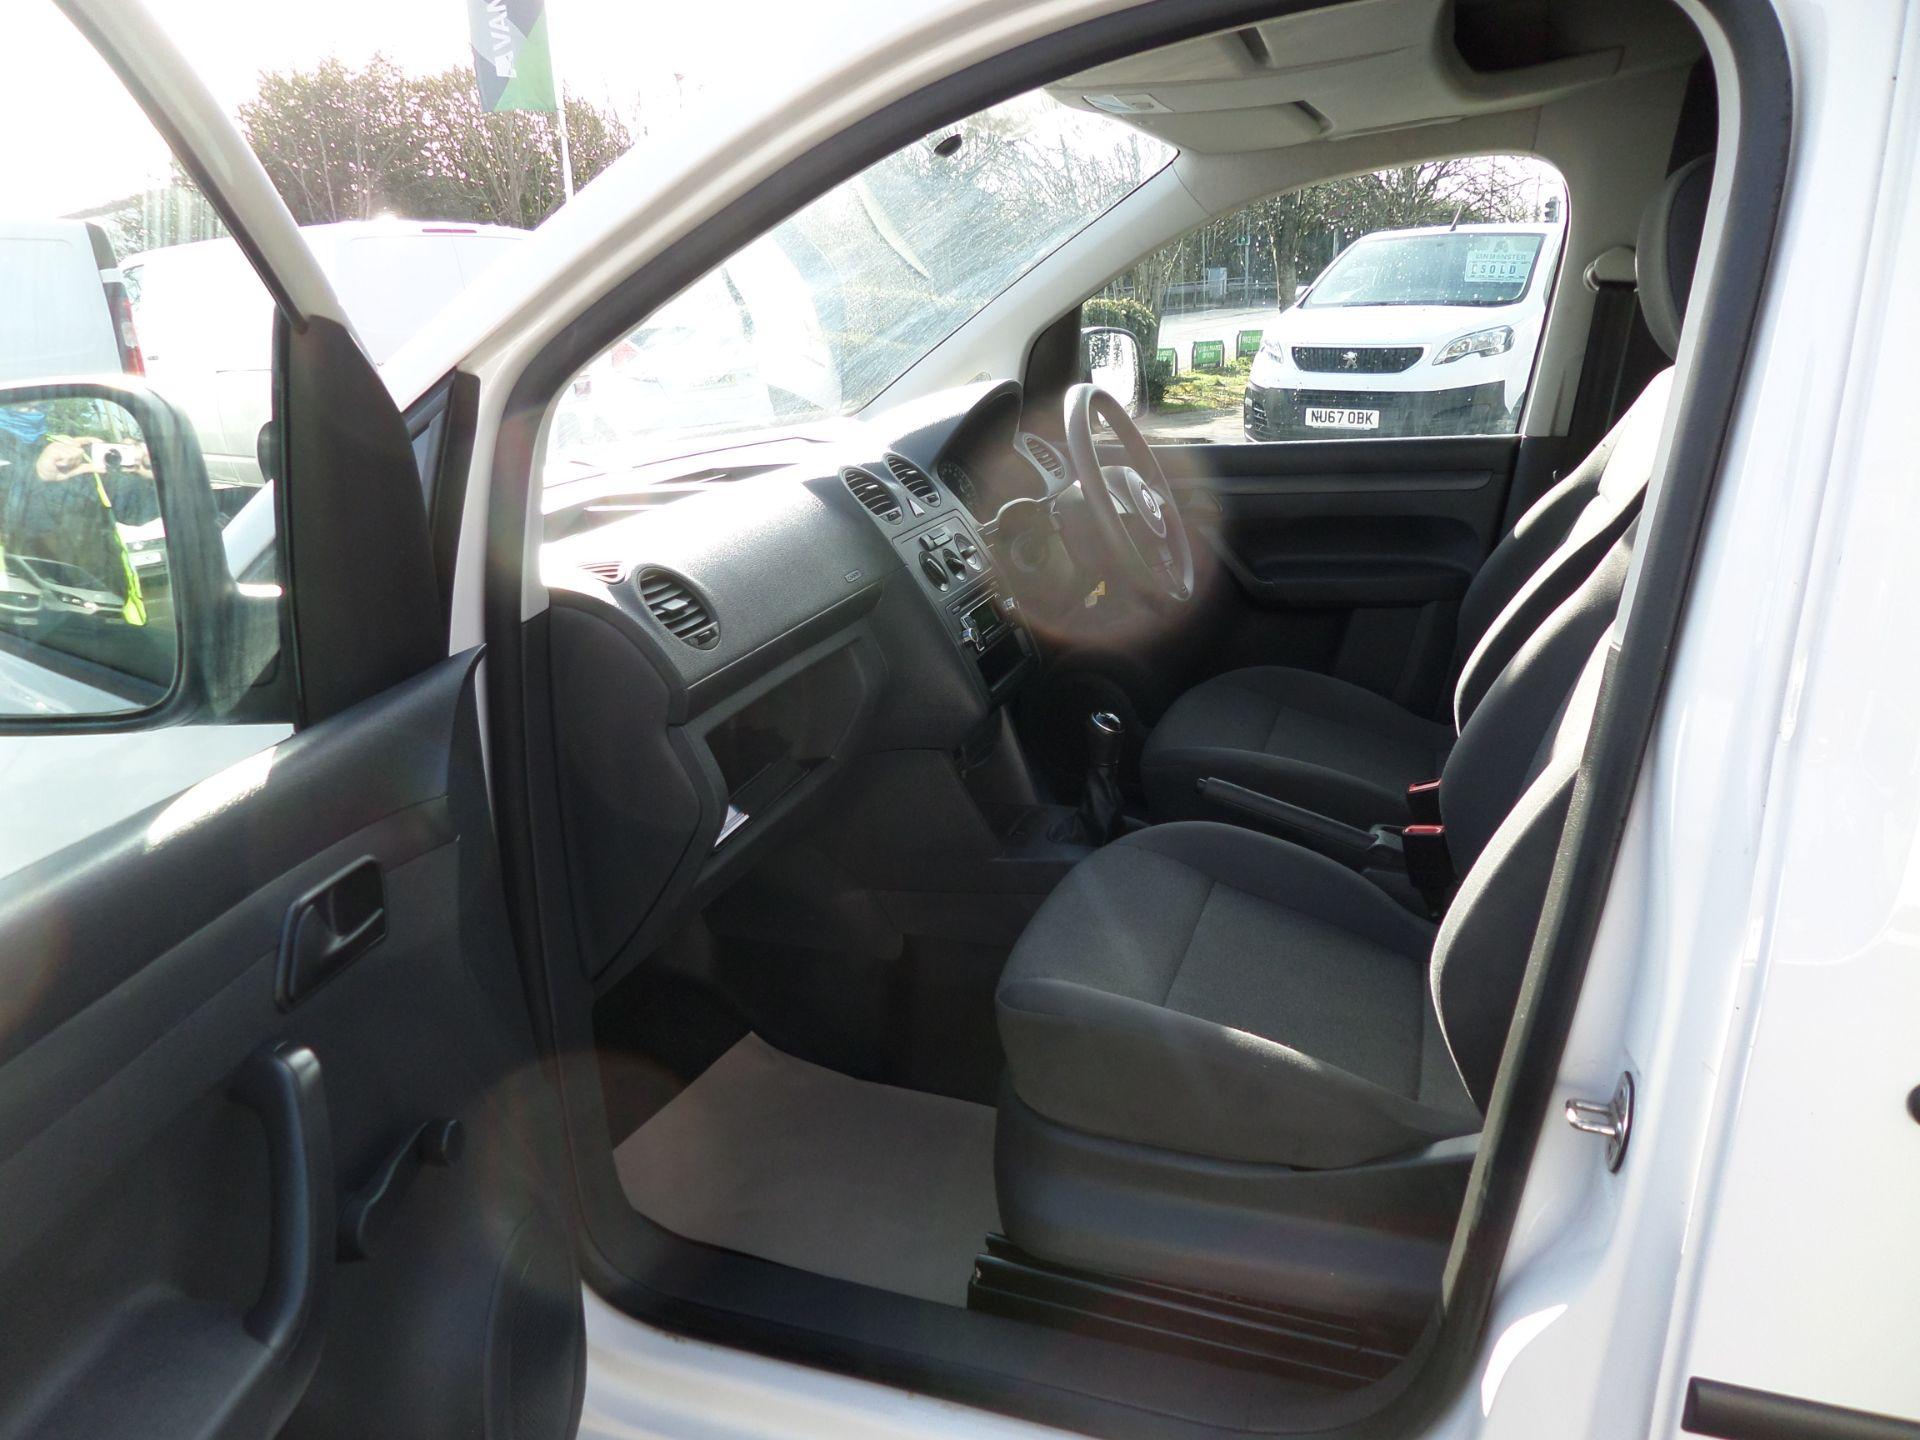 2017 Volkswagen Caddy Maxi 1.6 Tdi 102Ps Startline Van Euro 5 (GJ17FTE) Image 8